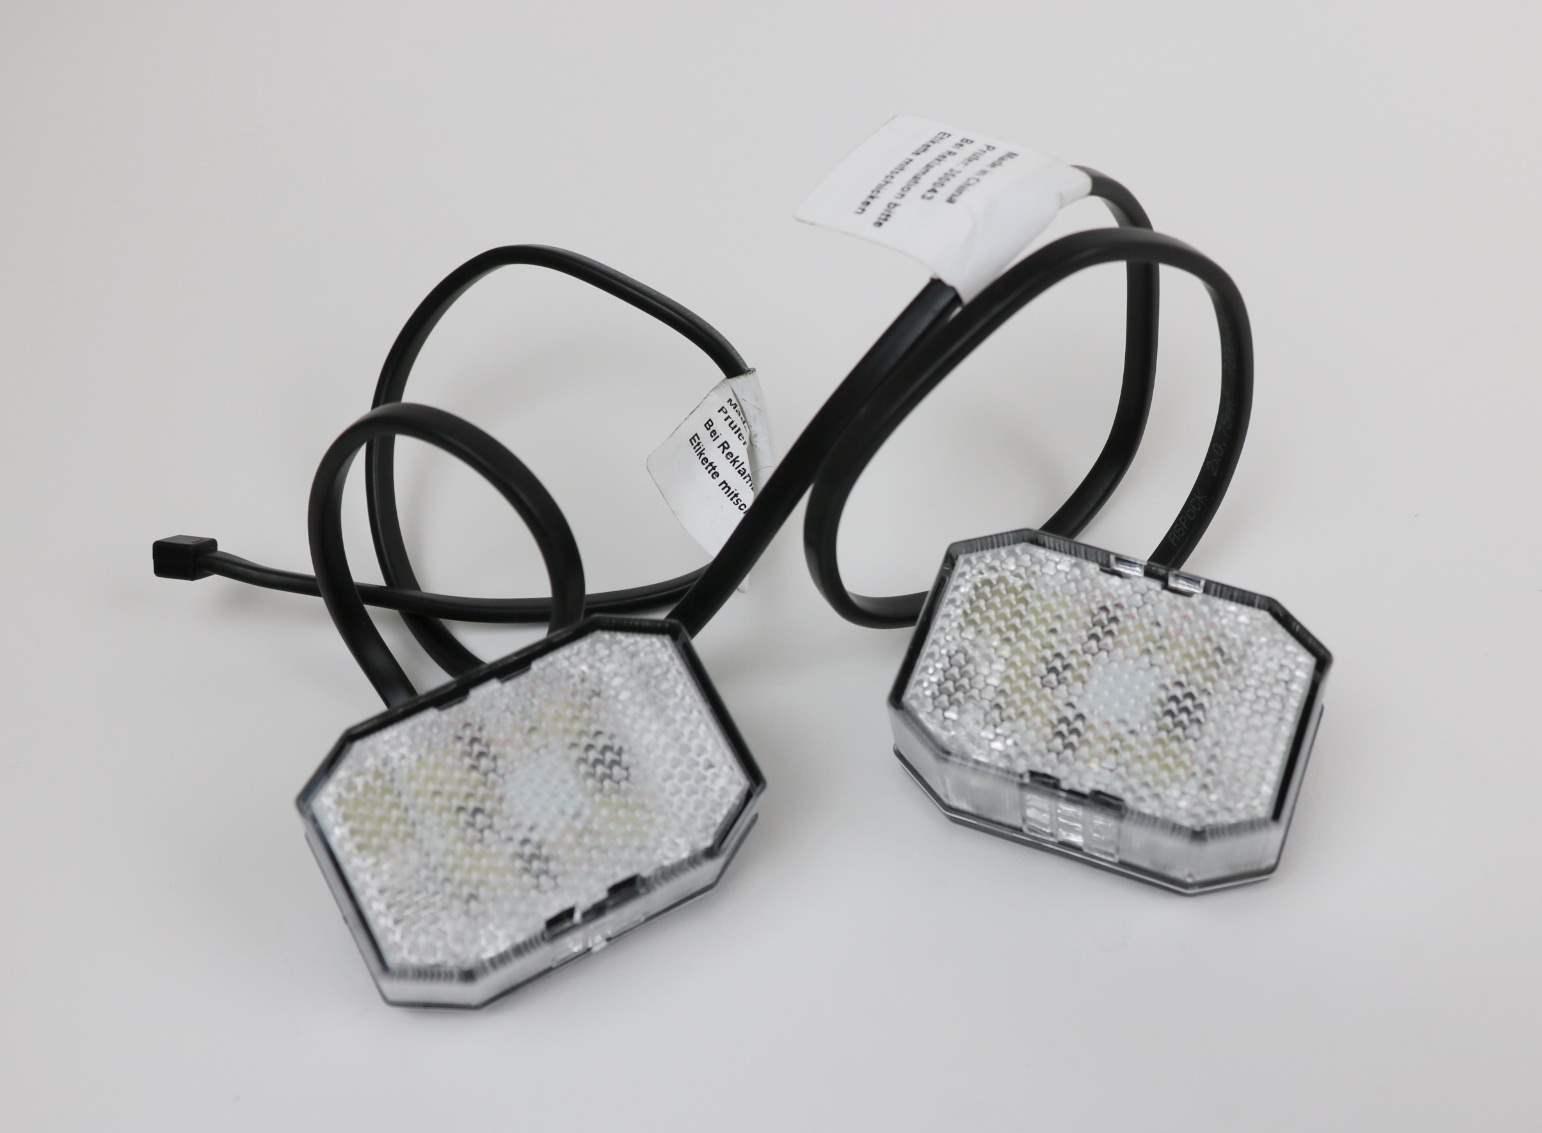 9 x Aspöck Flexipoint LED Marker Light Red/White Light Lamp Car ...